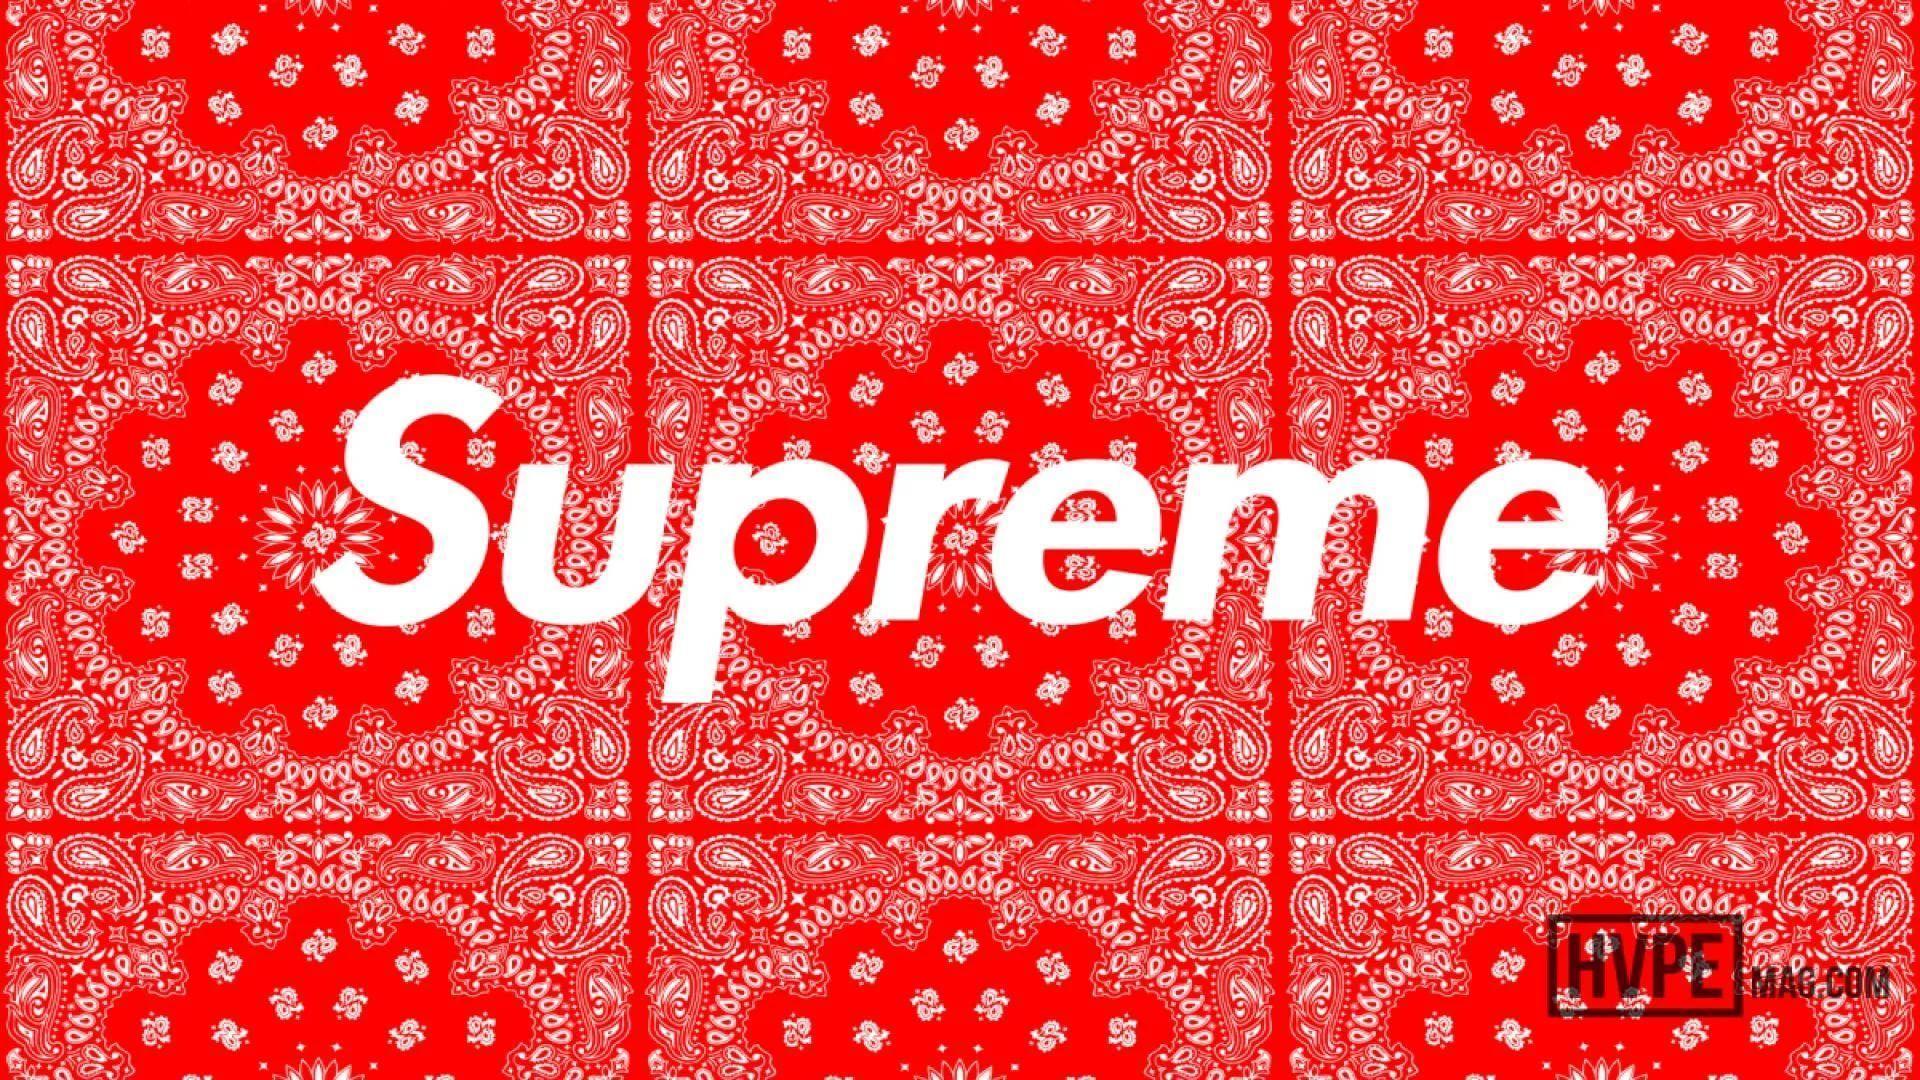 Supreme Box Logo Wallpapers - Top Free Supreme Box Logo ...